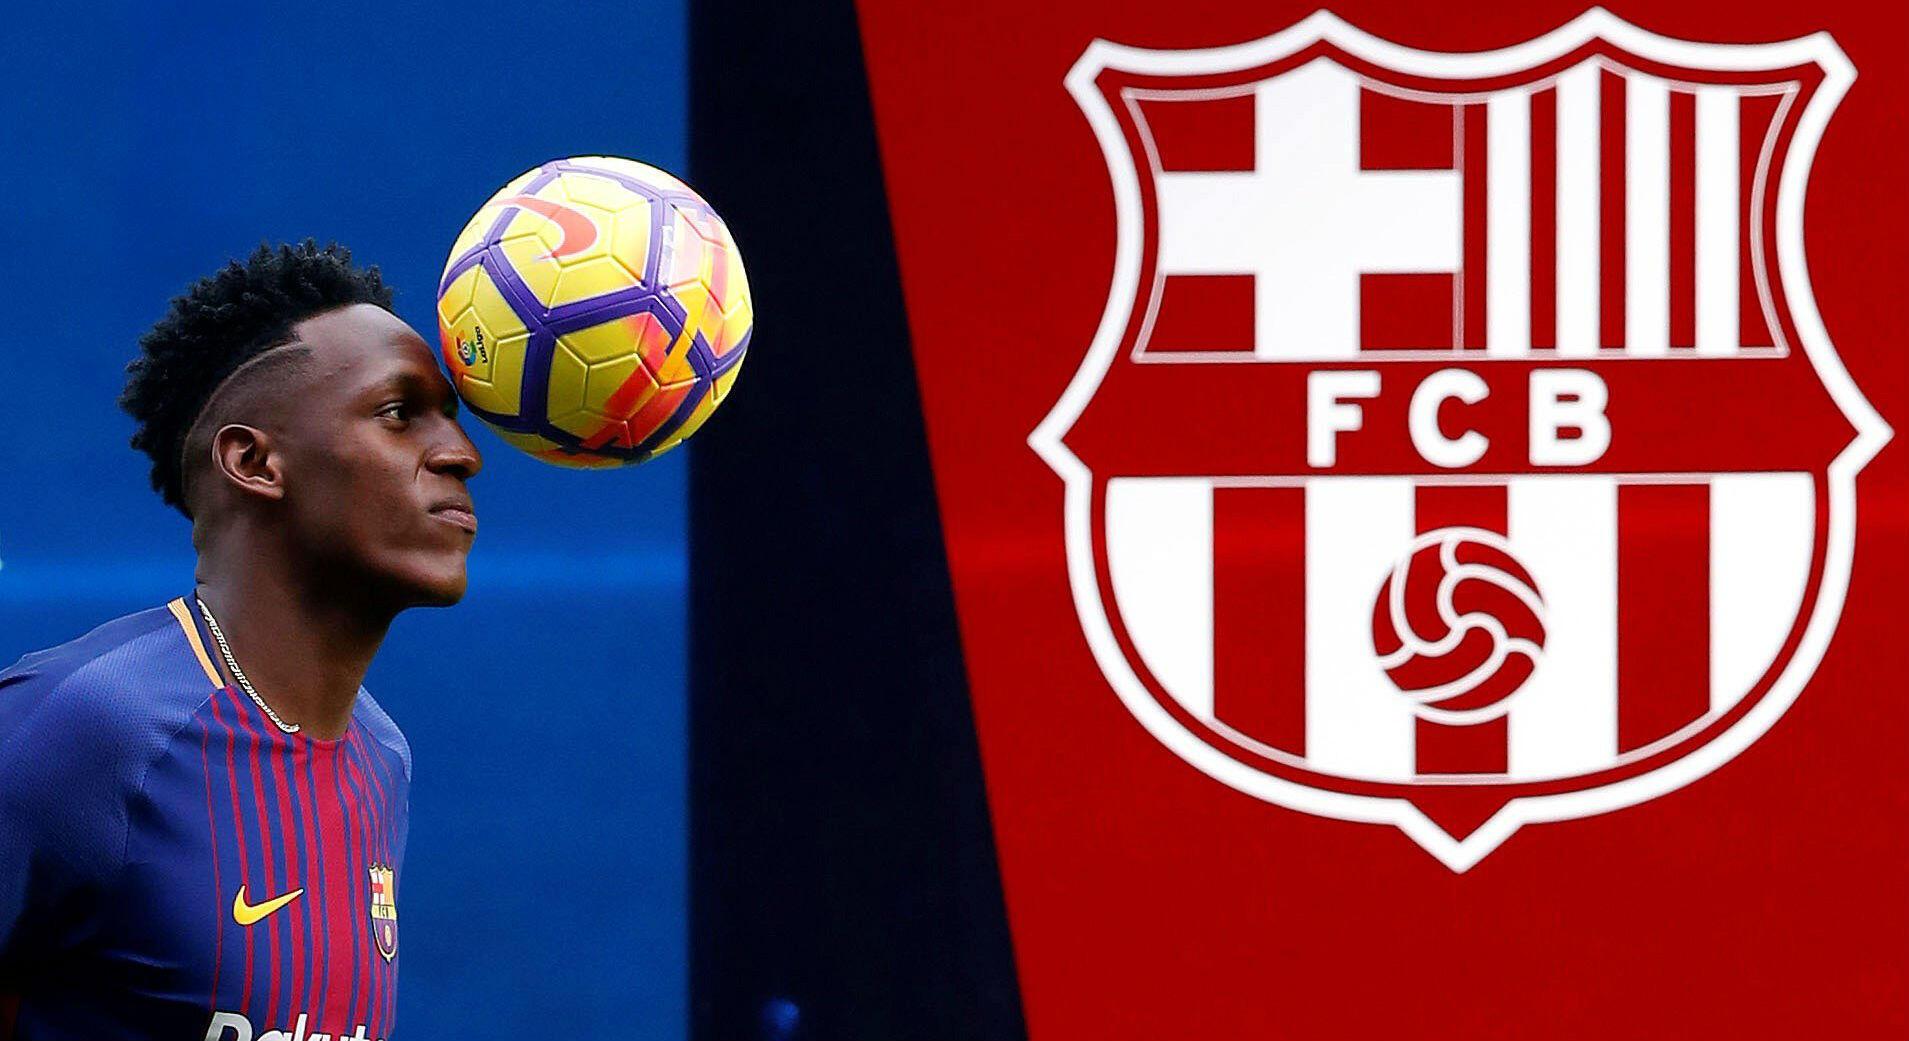 El central colombiano Yerry Mina durante su presentación como nuevo jugador del FC Barcelona el 13 de enero 2018